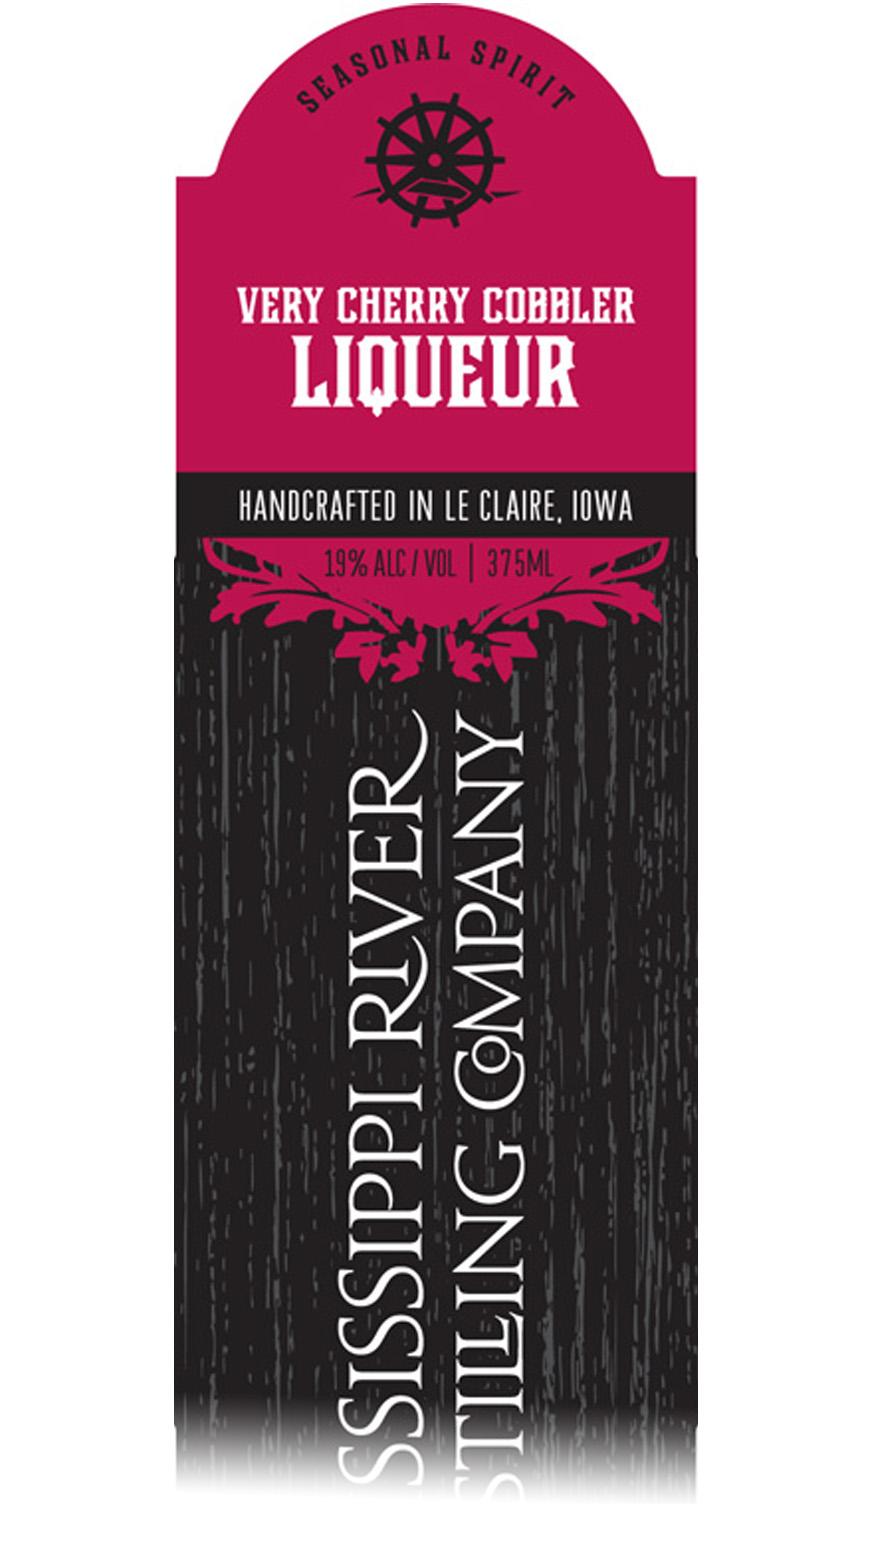 Very Cherry Cobbler Liqueur label